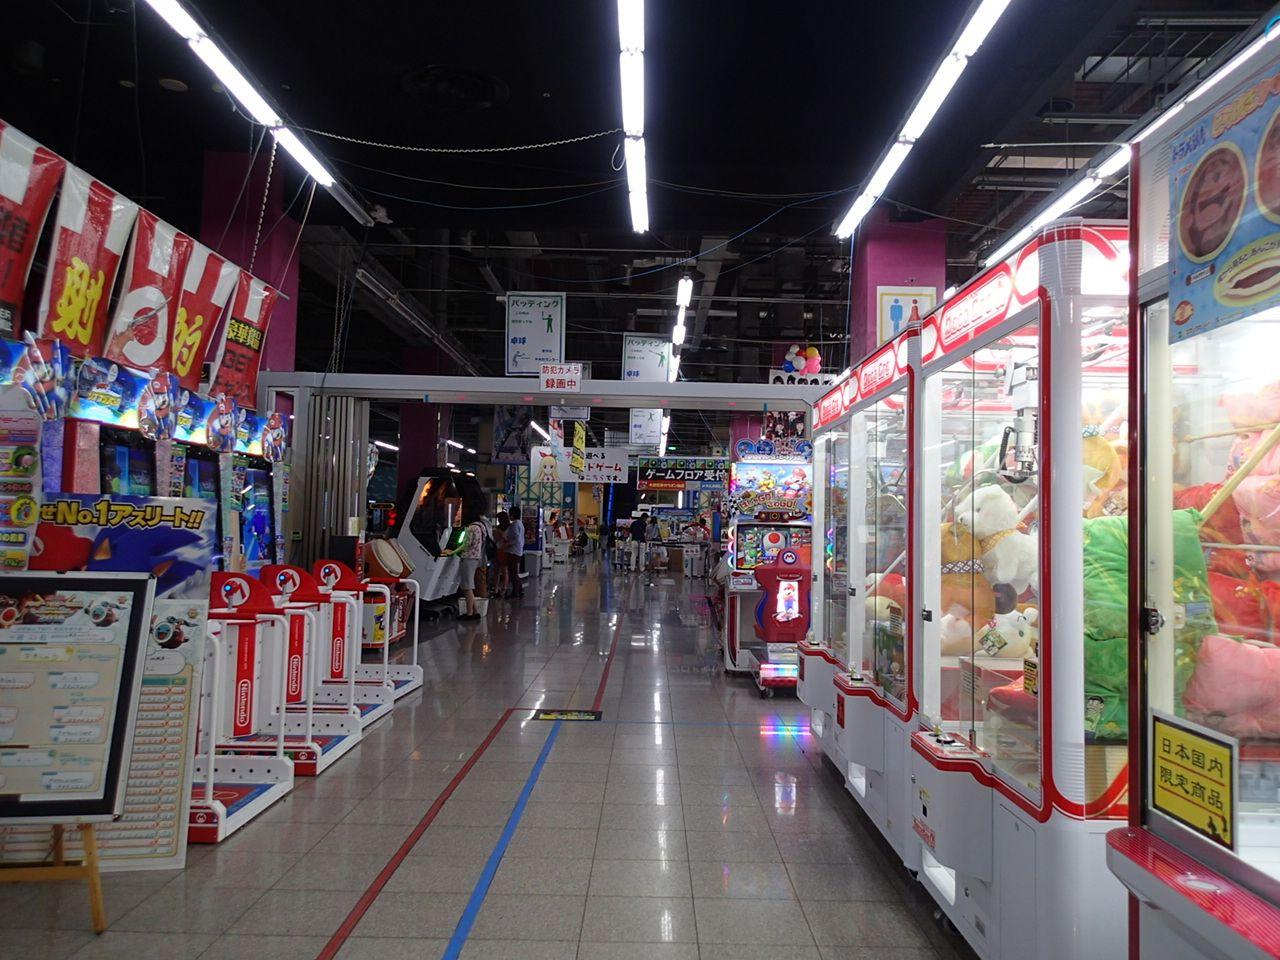 パレットタウン唯一の深夜営業「東京レジャーランド」